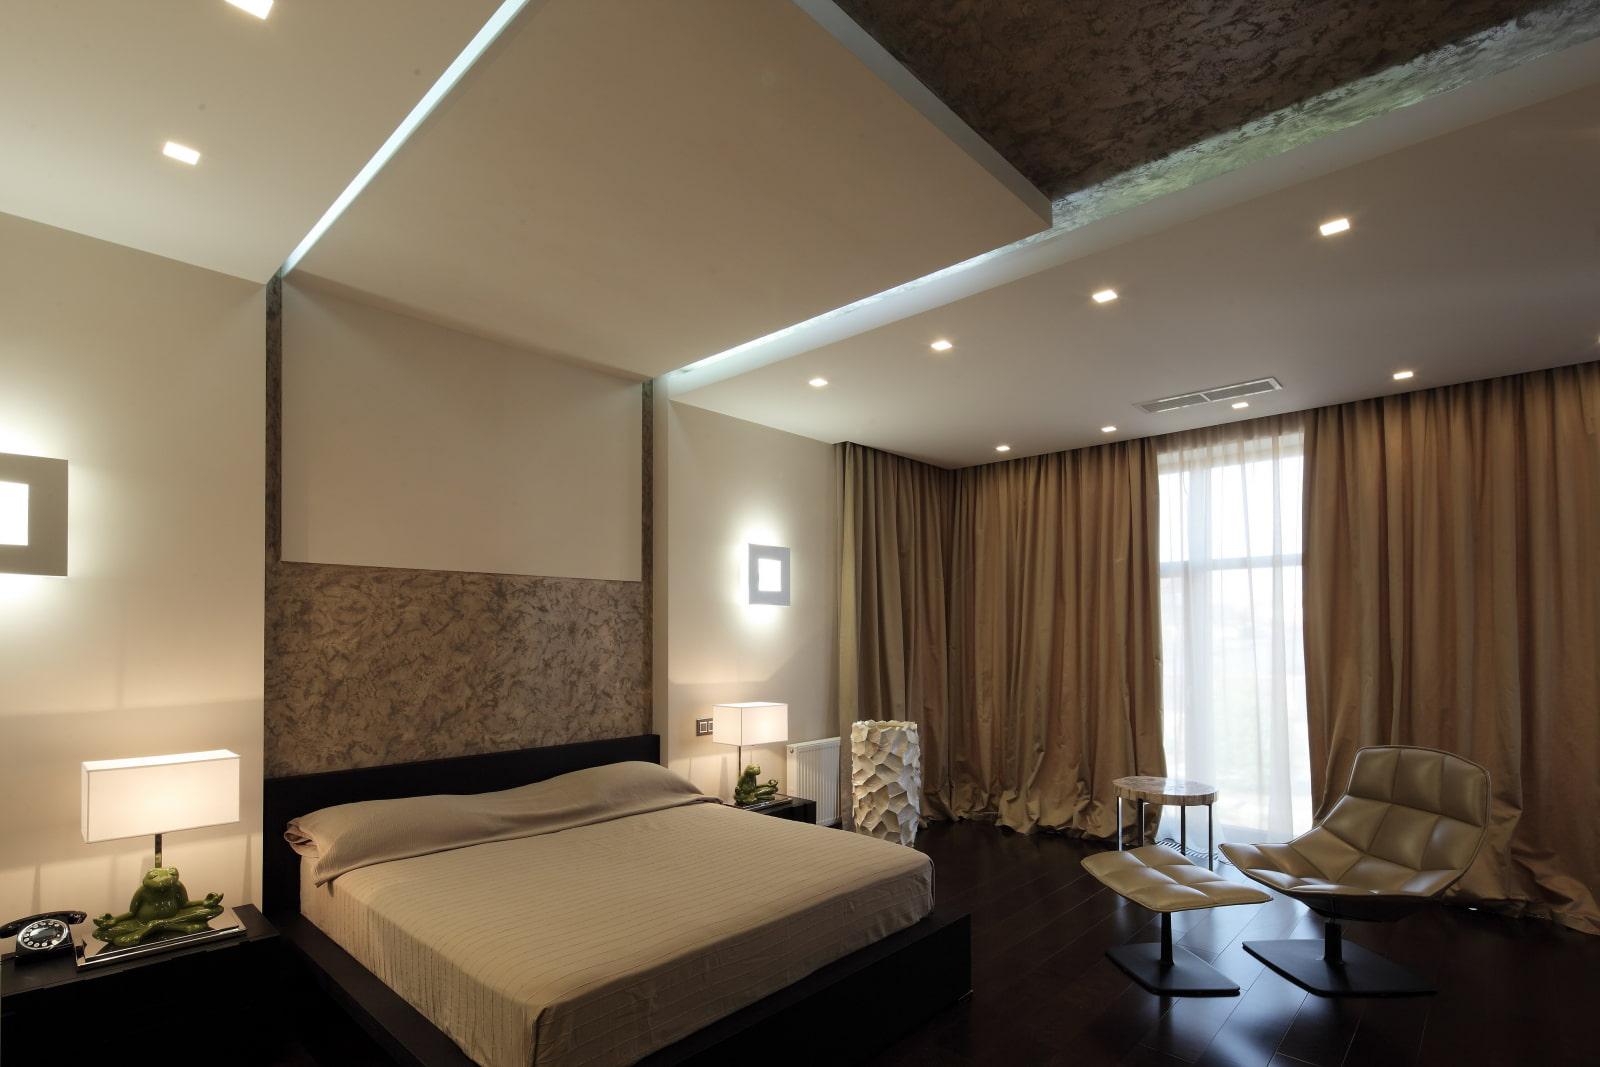 натяжной потолок в спальне с подсветкой фото сказала